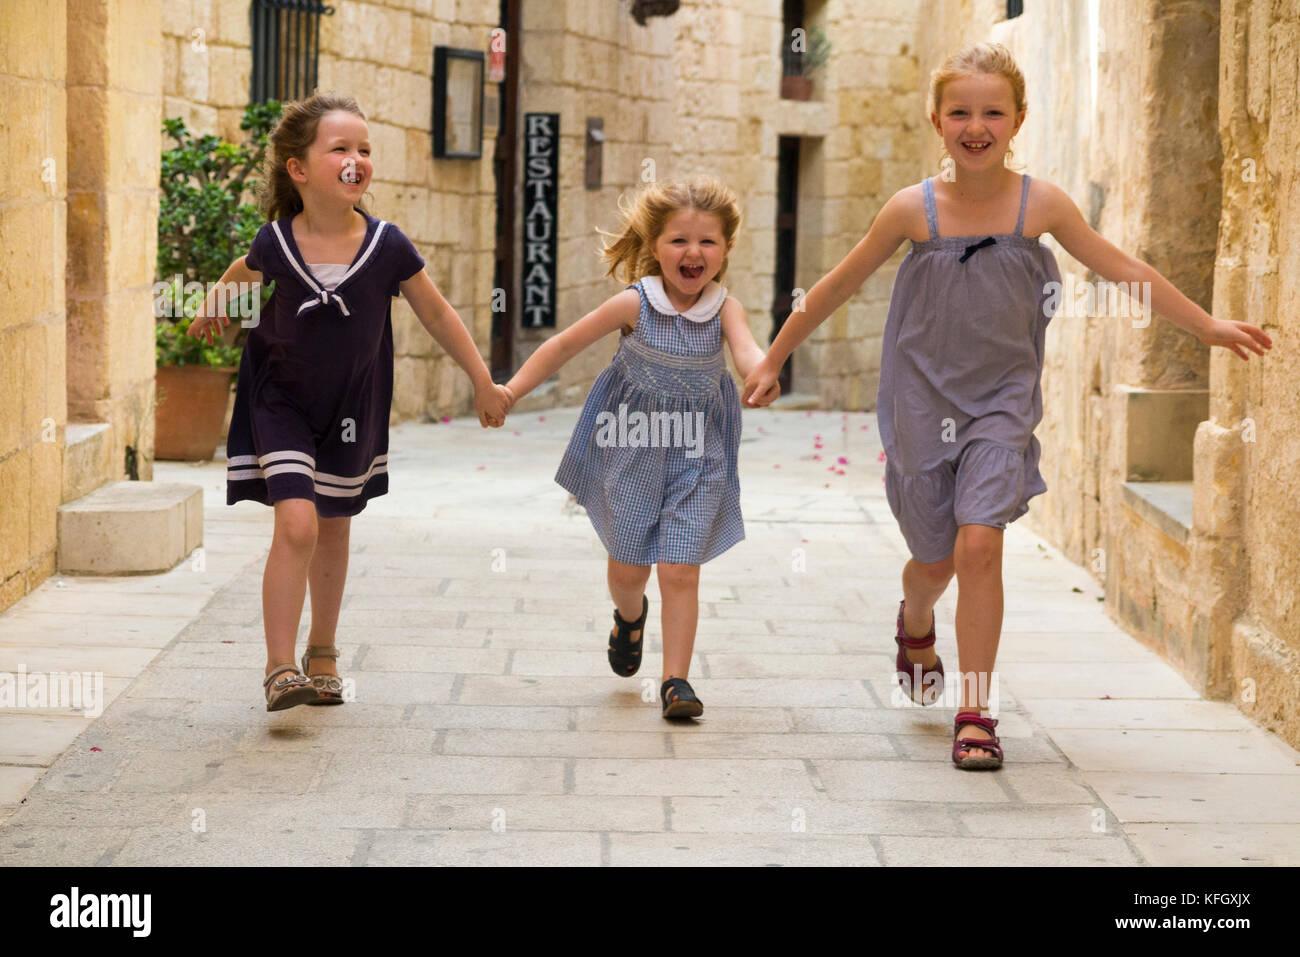 Tre giovani sorelle / ragazze / ragazzi / bambini / bambino di età compresa tra i 7, 3, & 5 anni, su una Immagini Stock